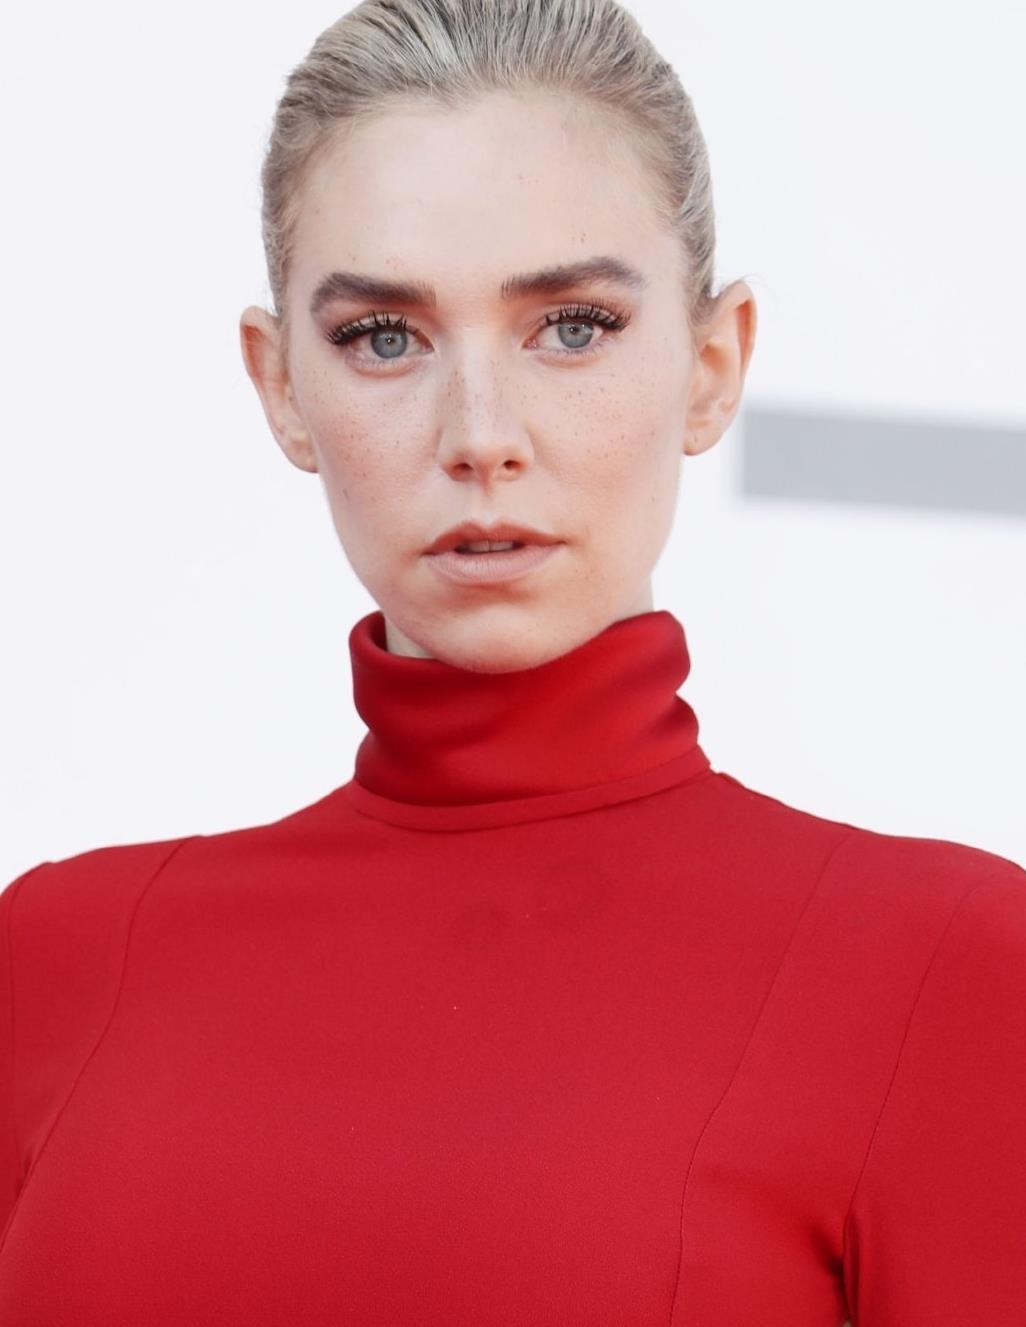 白寡妇亮相第77届威尼斯电影节,红色礼服美如画,雀斑妆成亮点